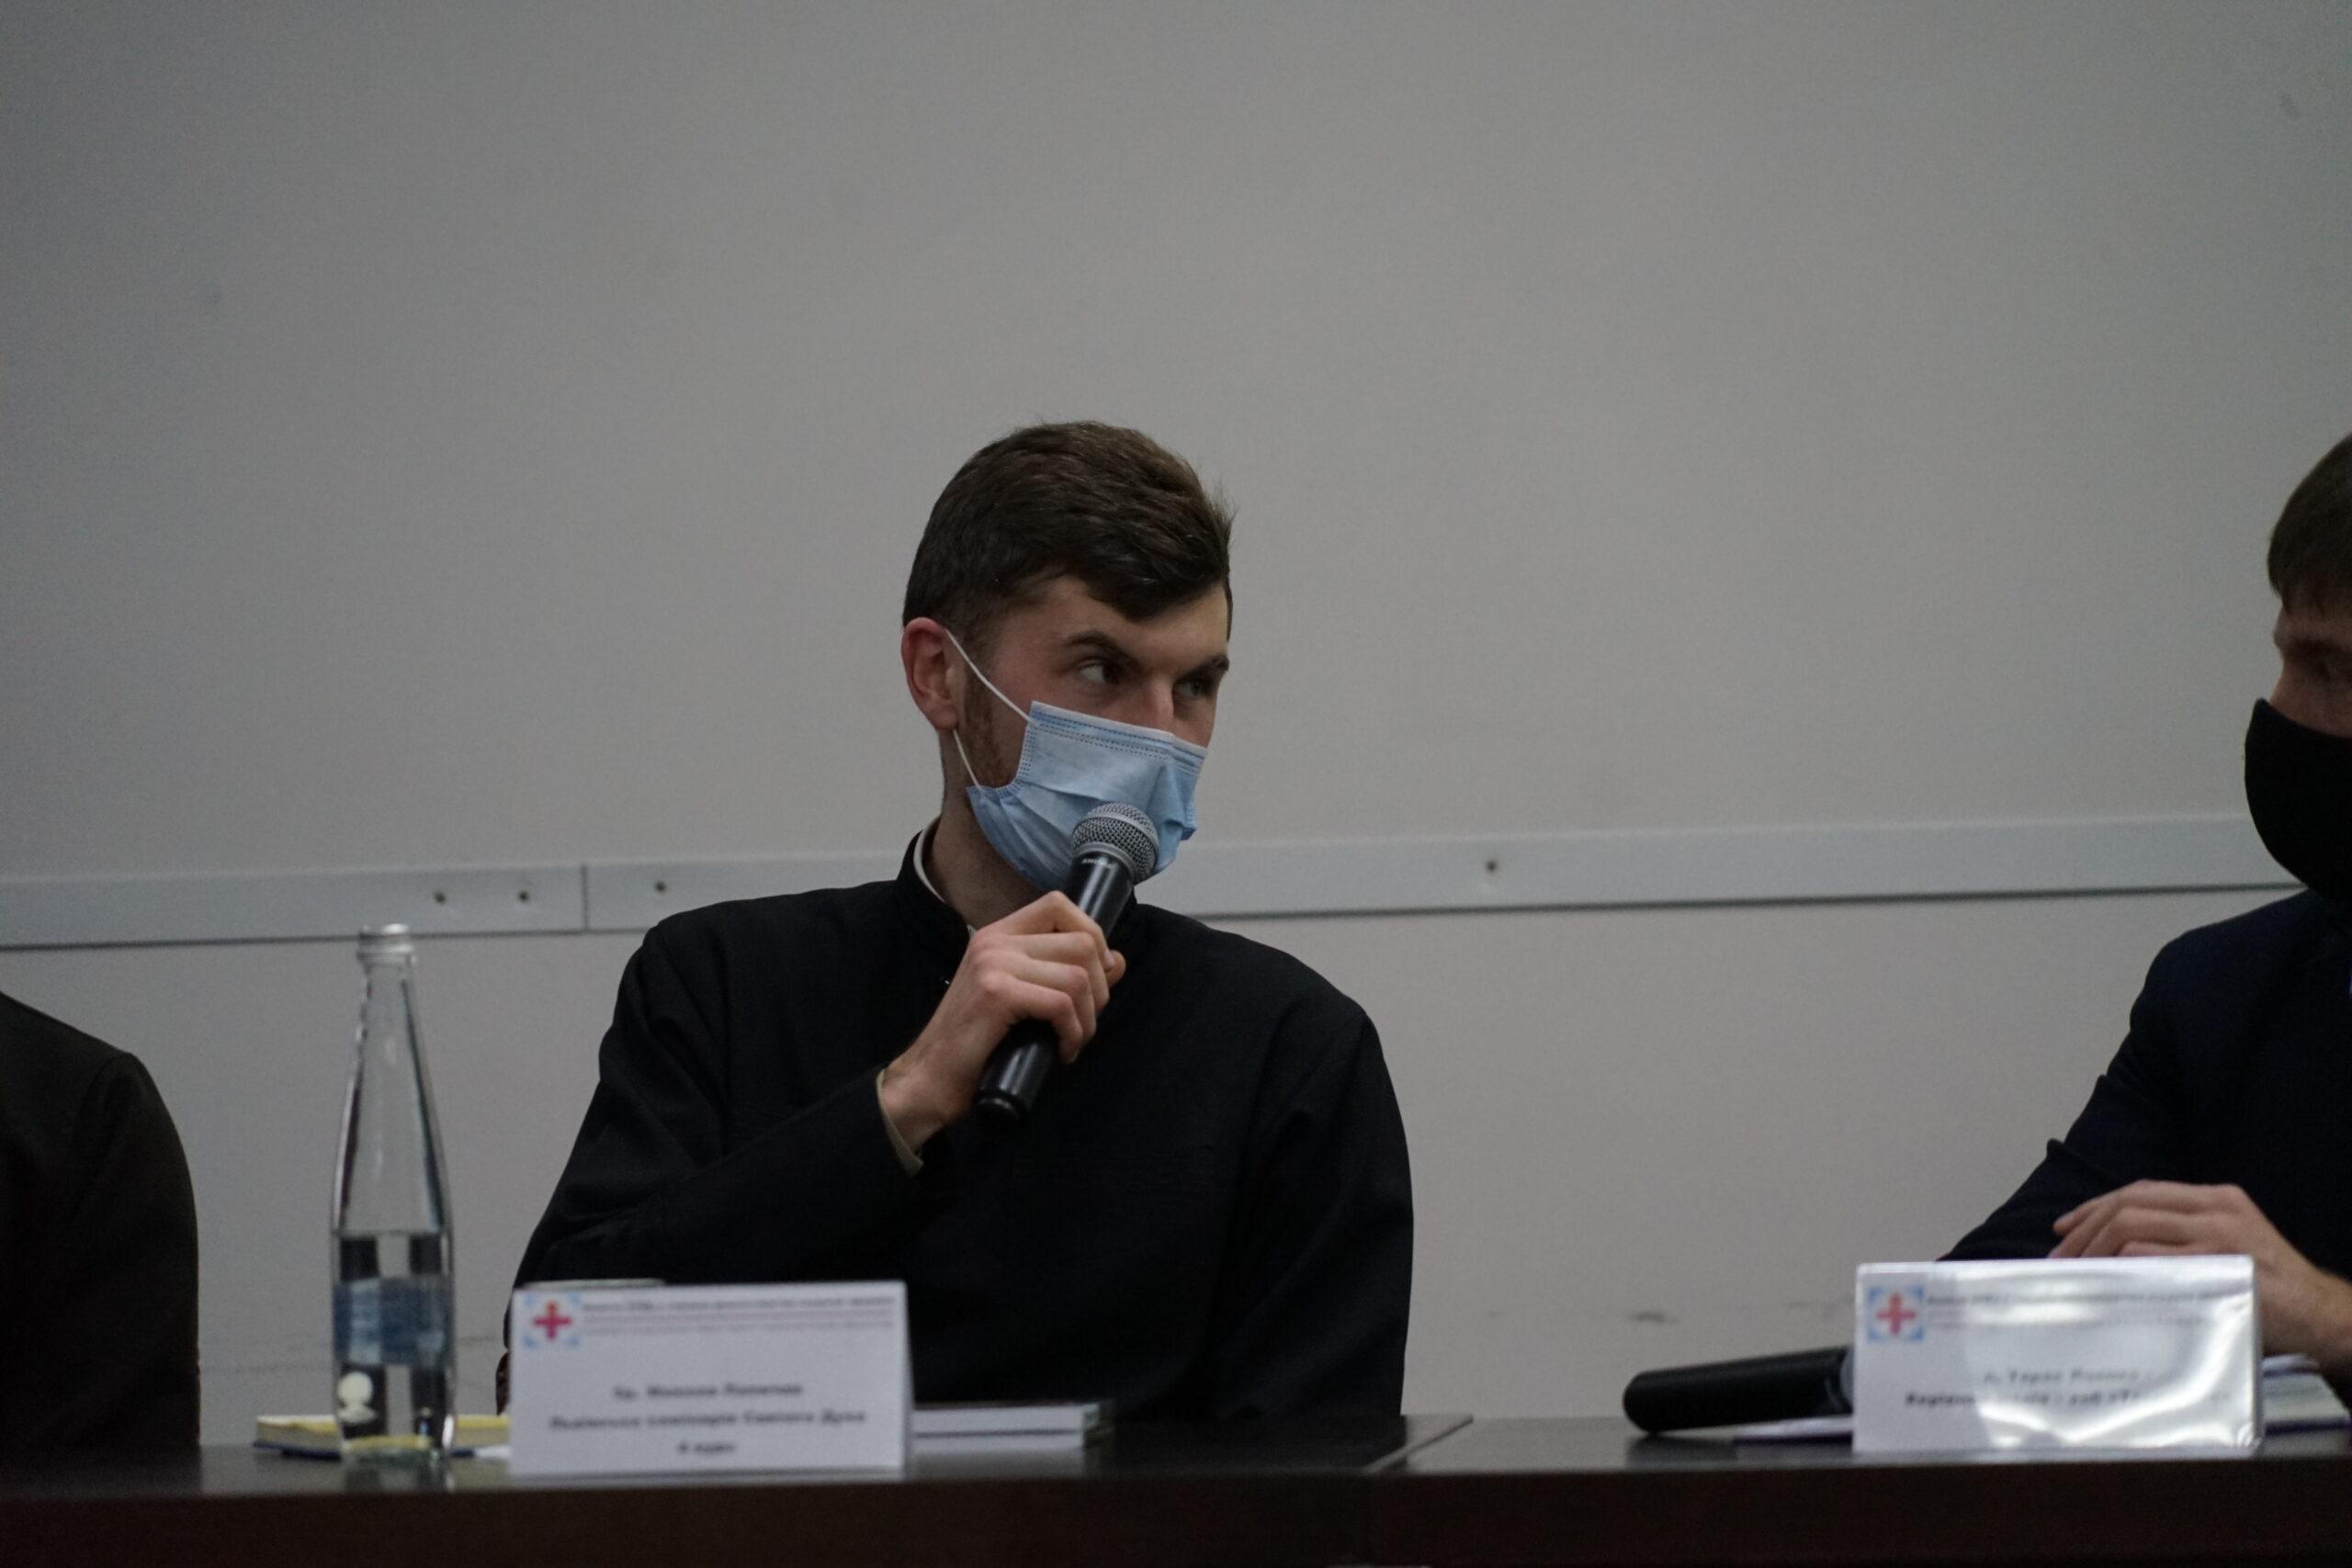 Перспективи розвитку медичного капеланства в Україні обговорили під час круглого столу у Львові_16